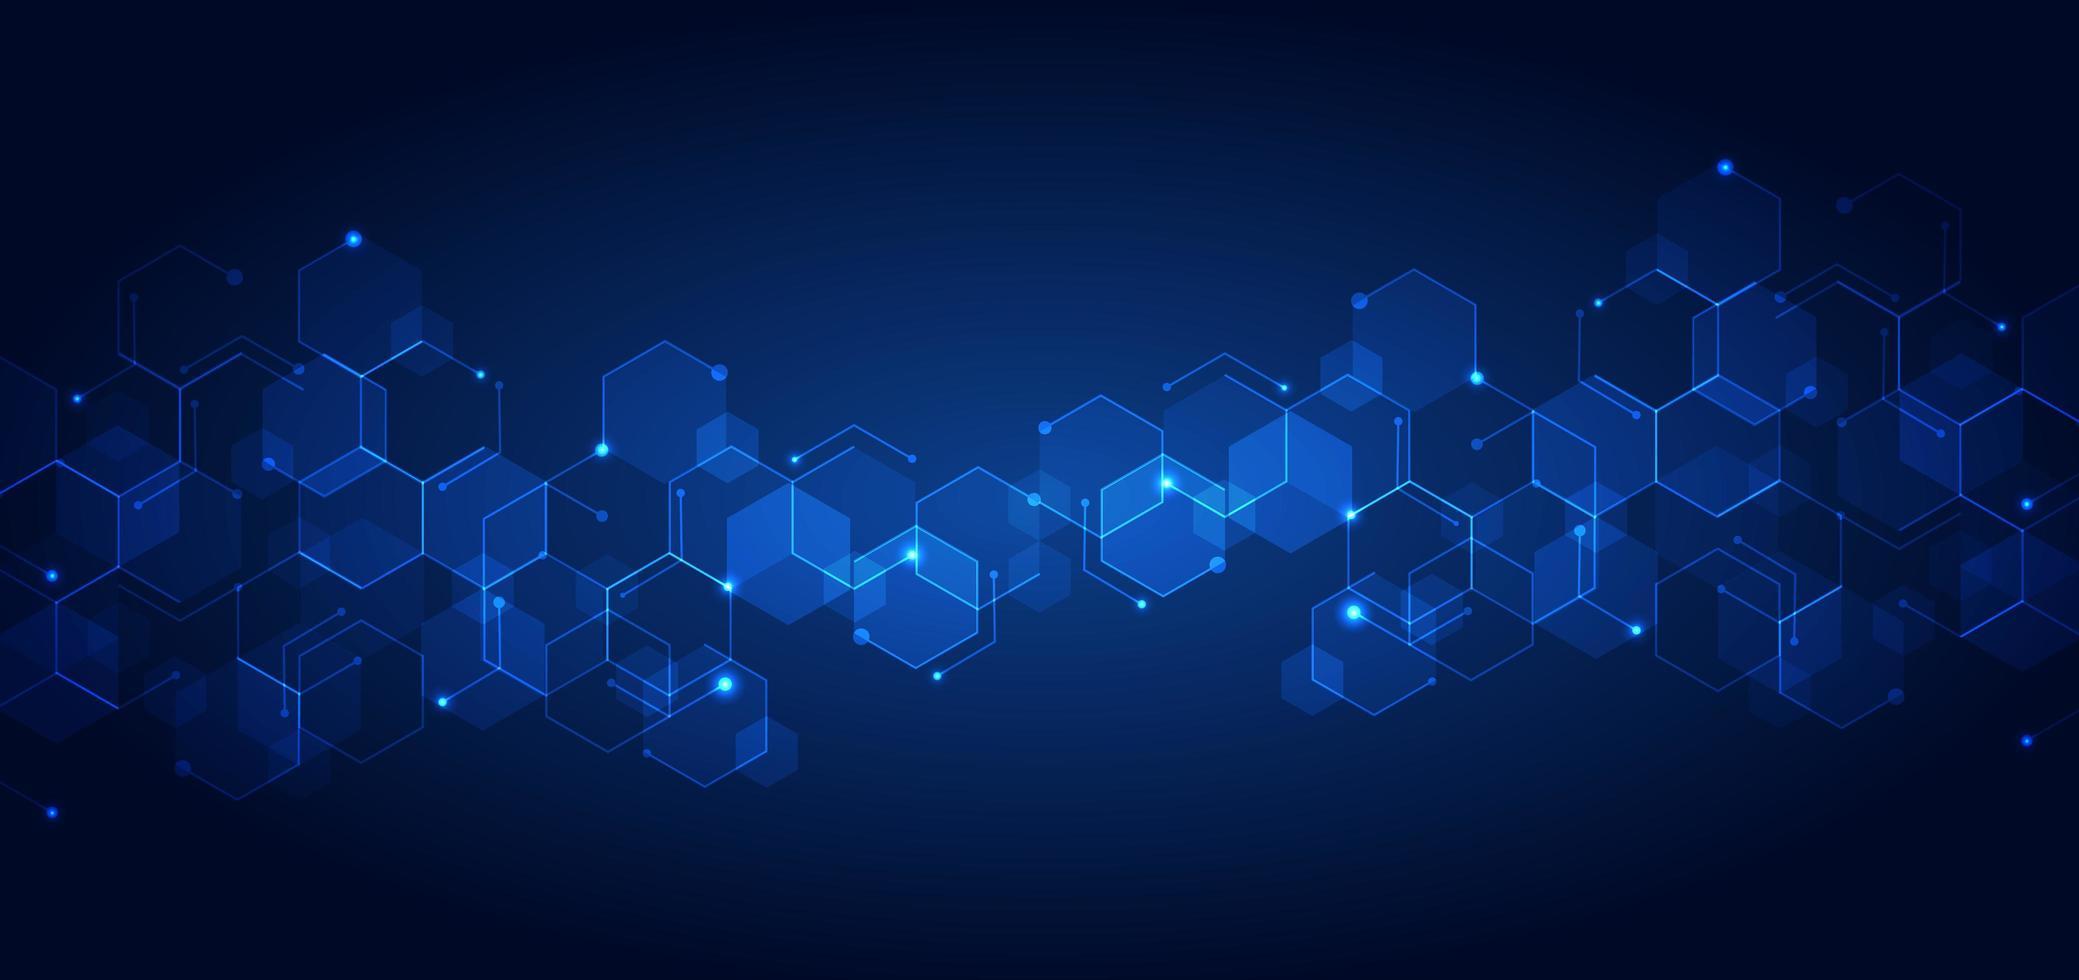 modello astratto di esagoni geometrici blu tecnologia con luci incandescenti vettore